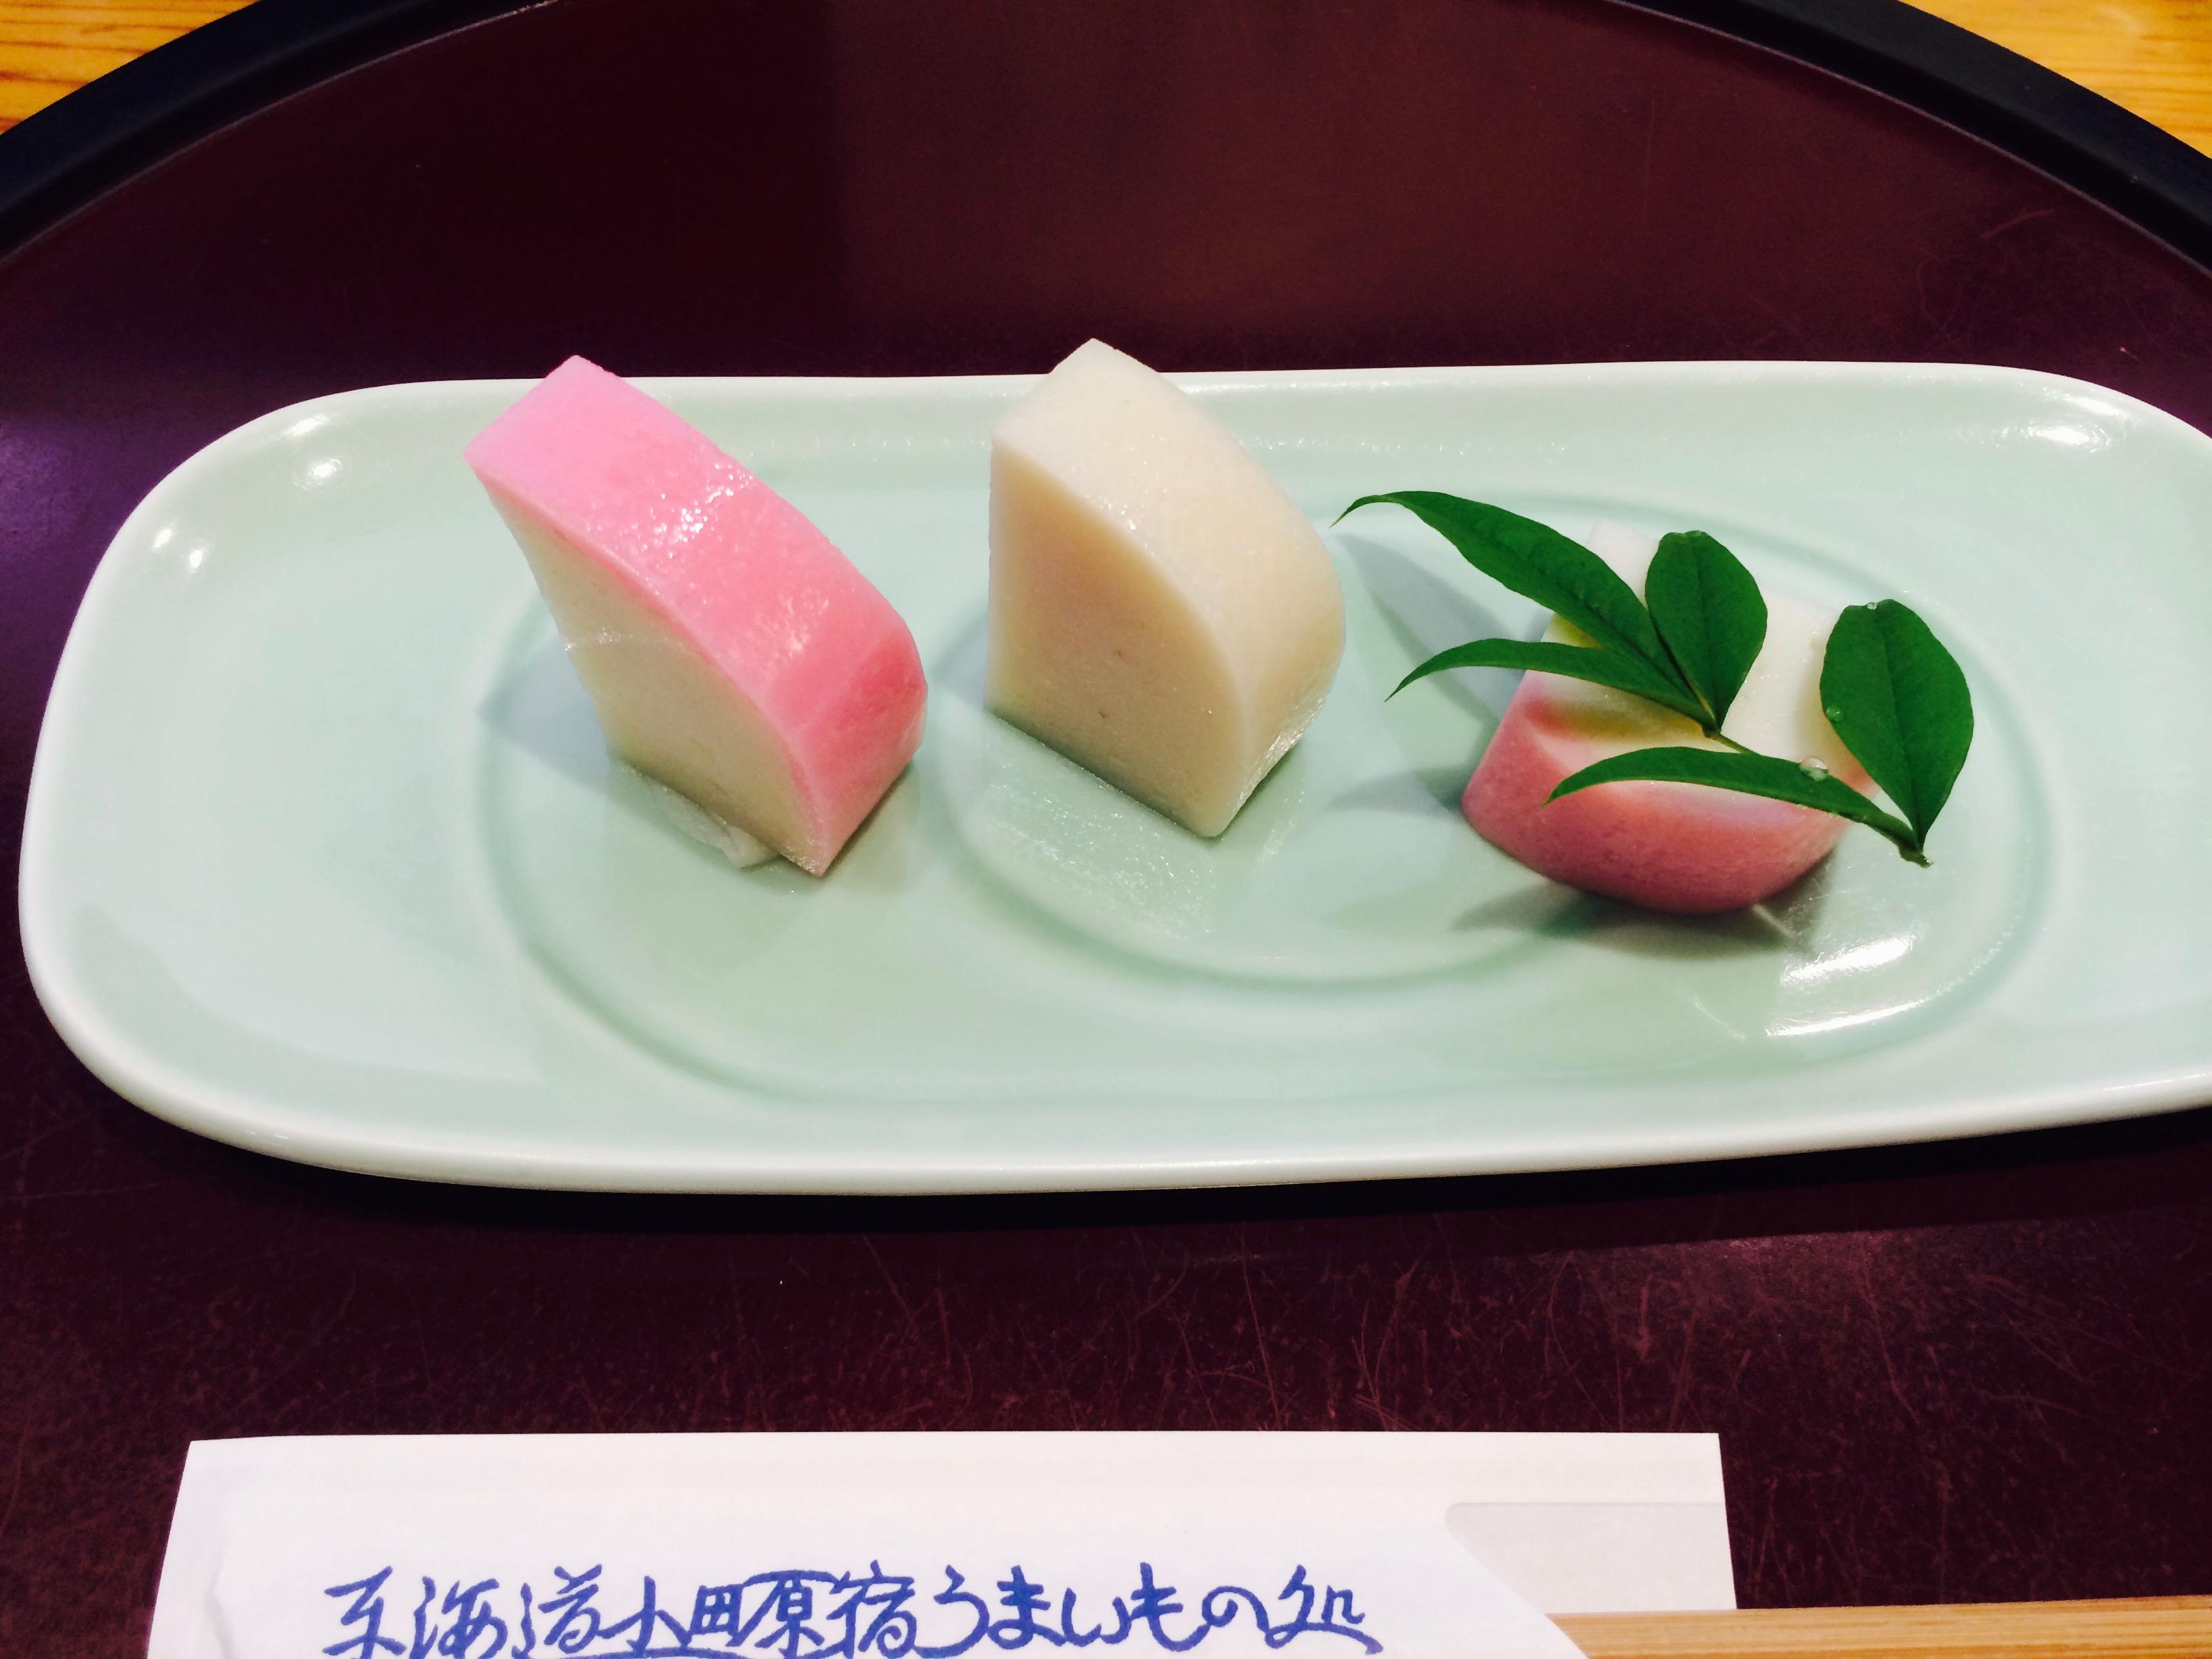 【アイモバリアルグルメツアー】小田原エリアのかまぼこを食べ比べてみた